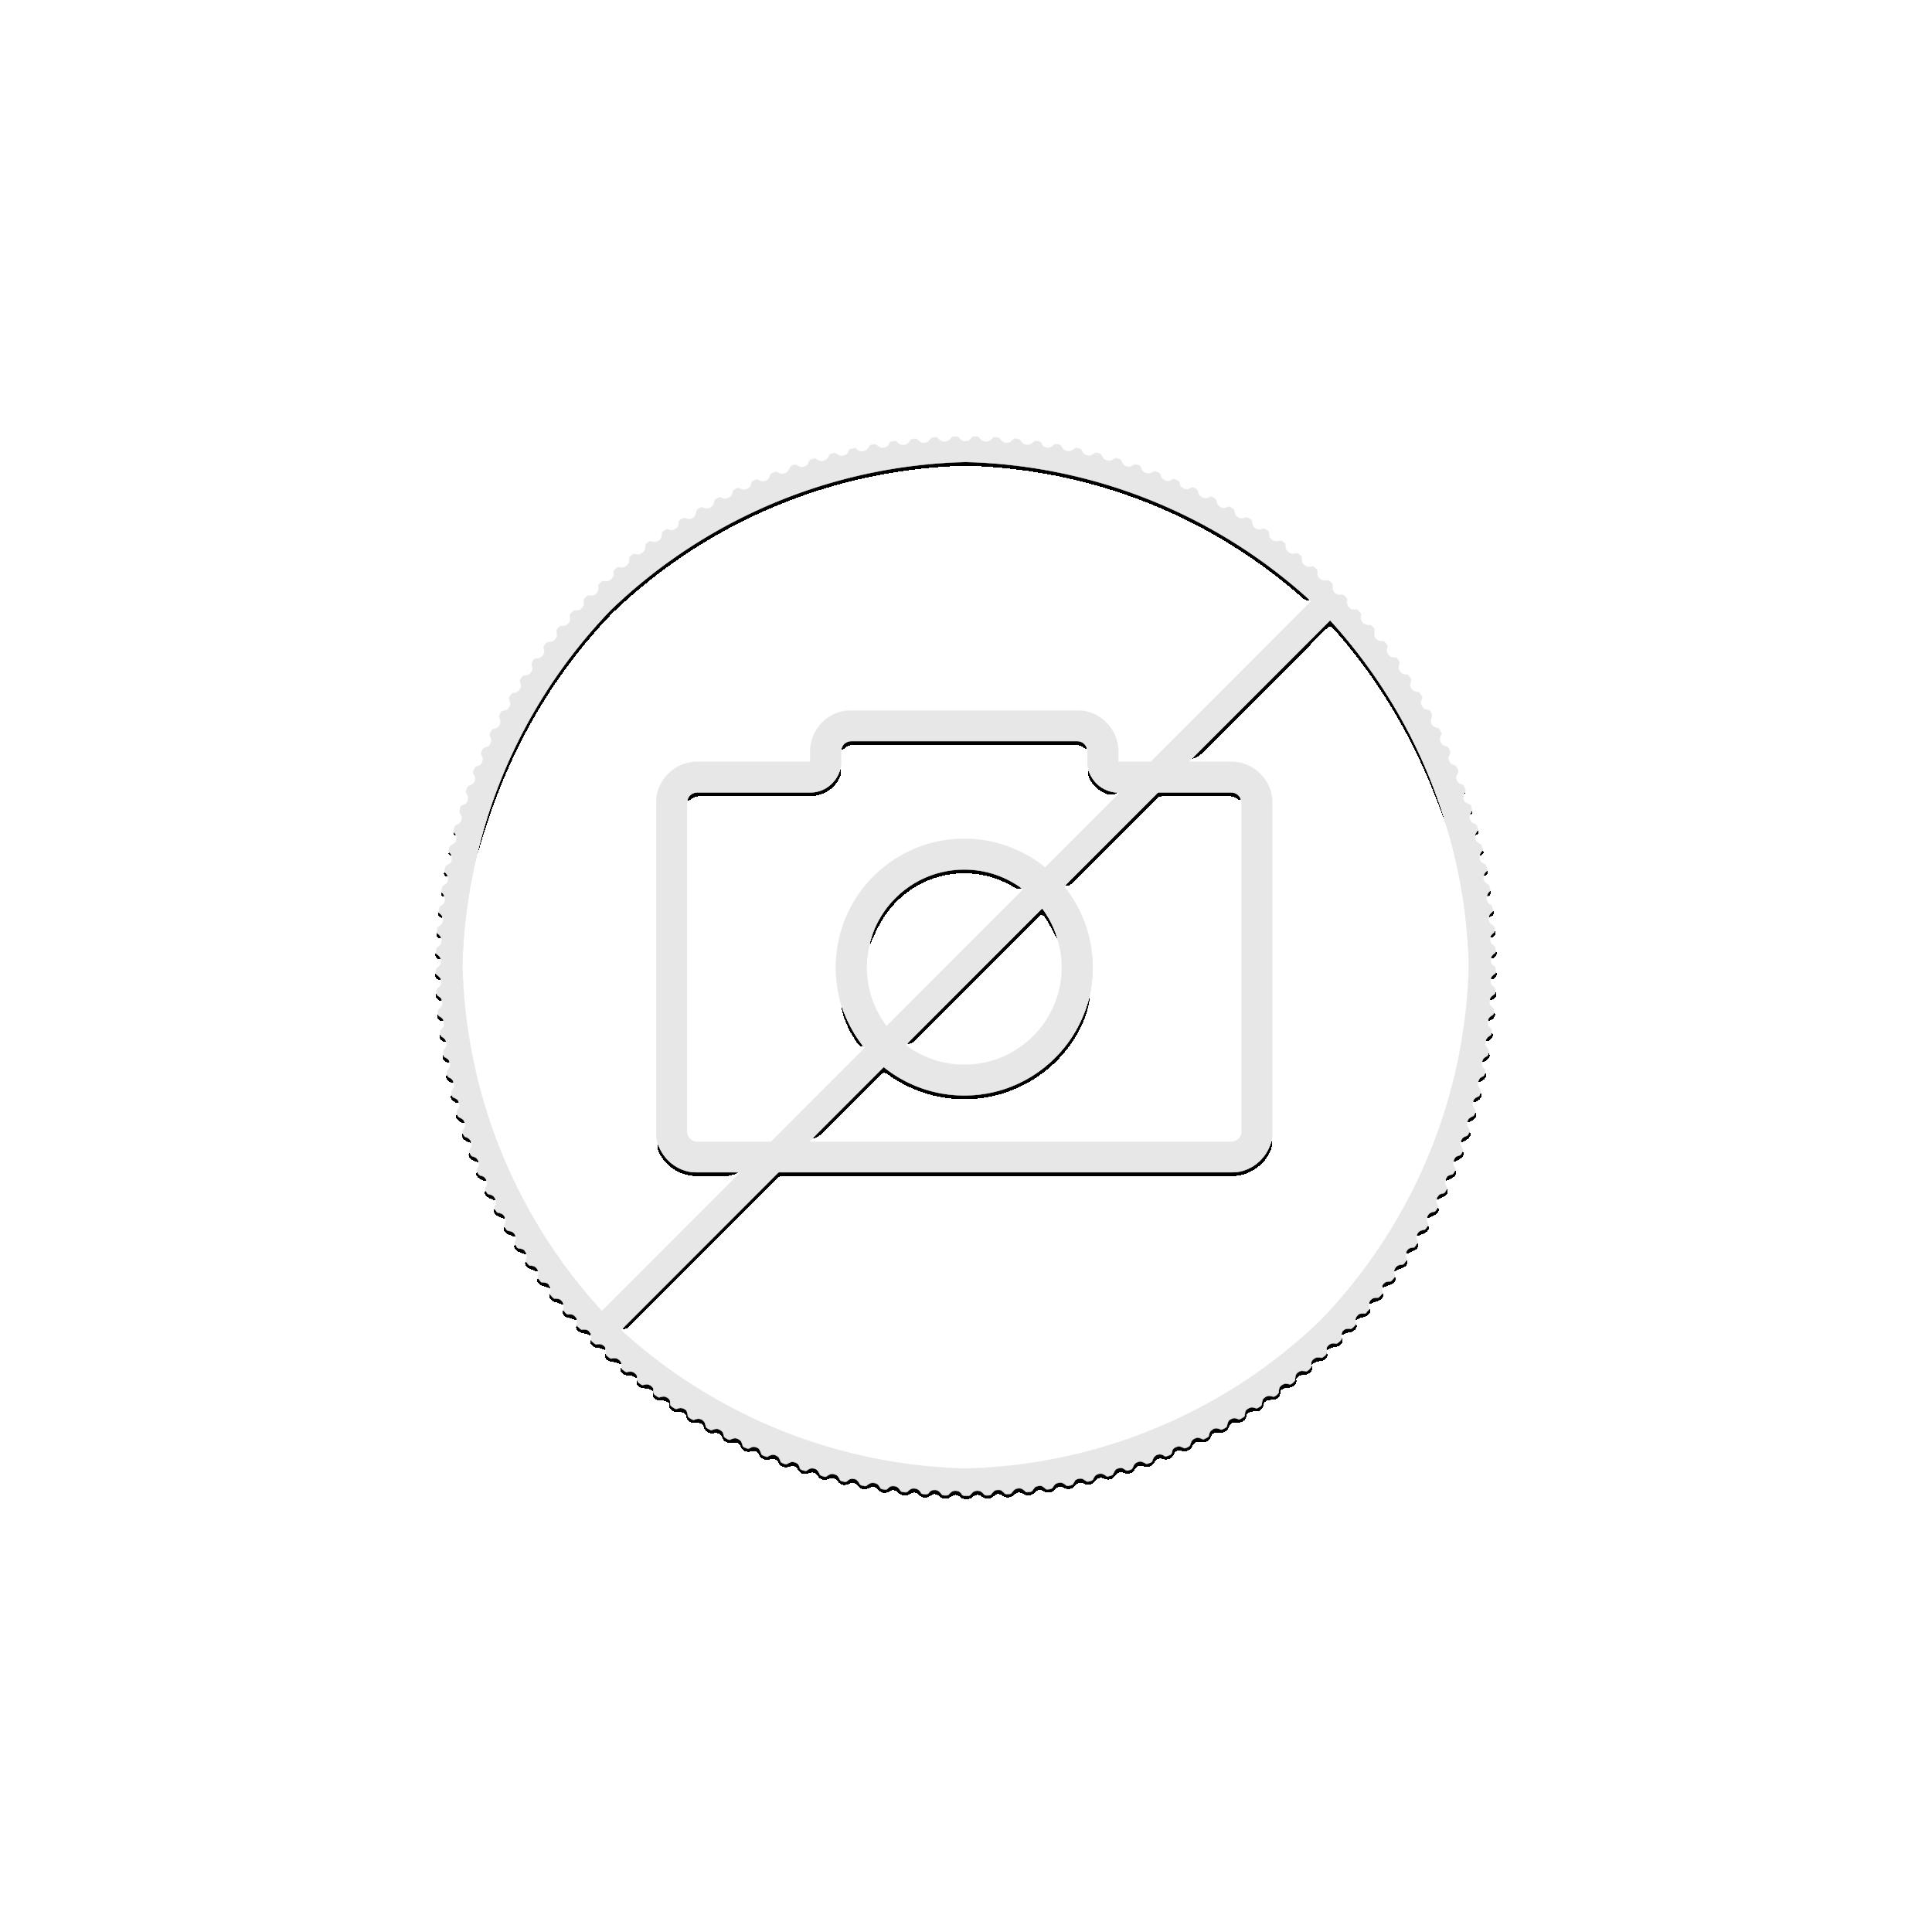 1 Troy ounce silver coin Johannes Vermeer Milkmaid